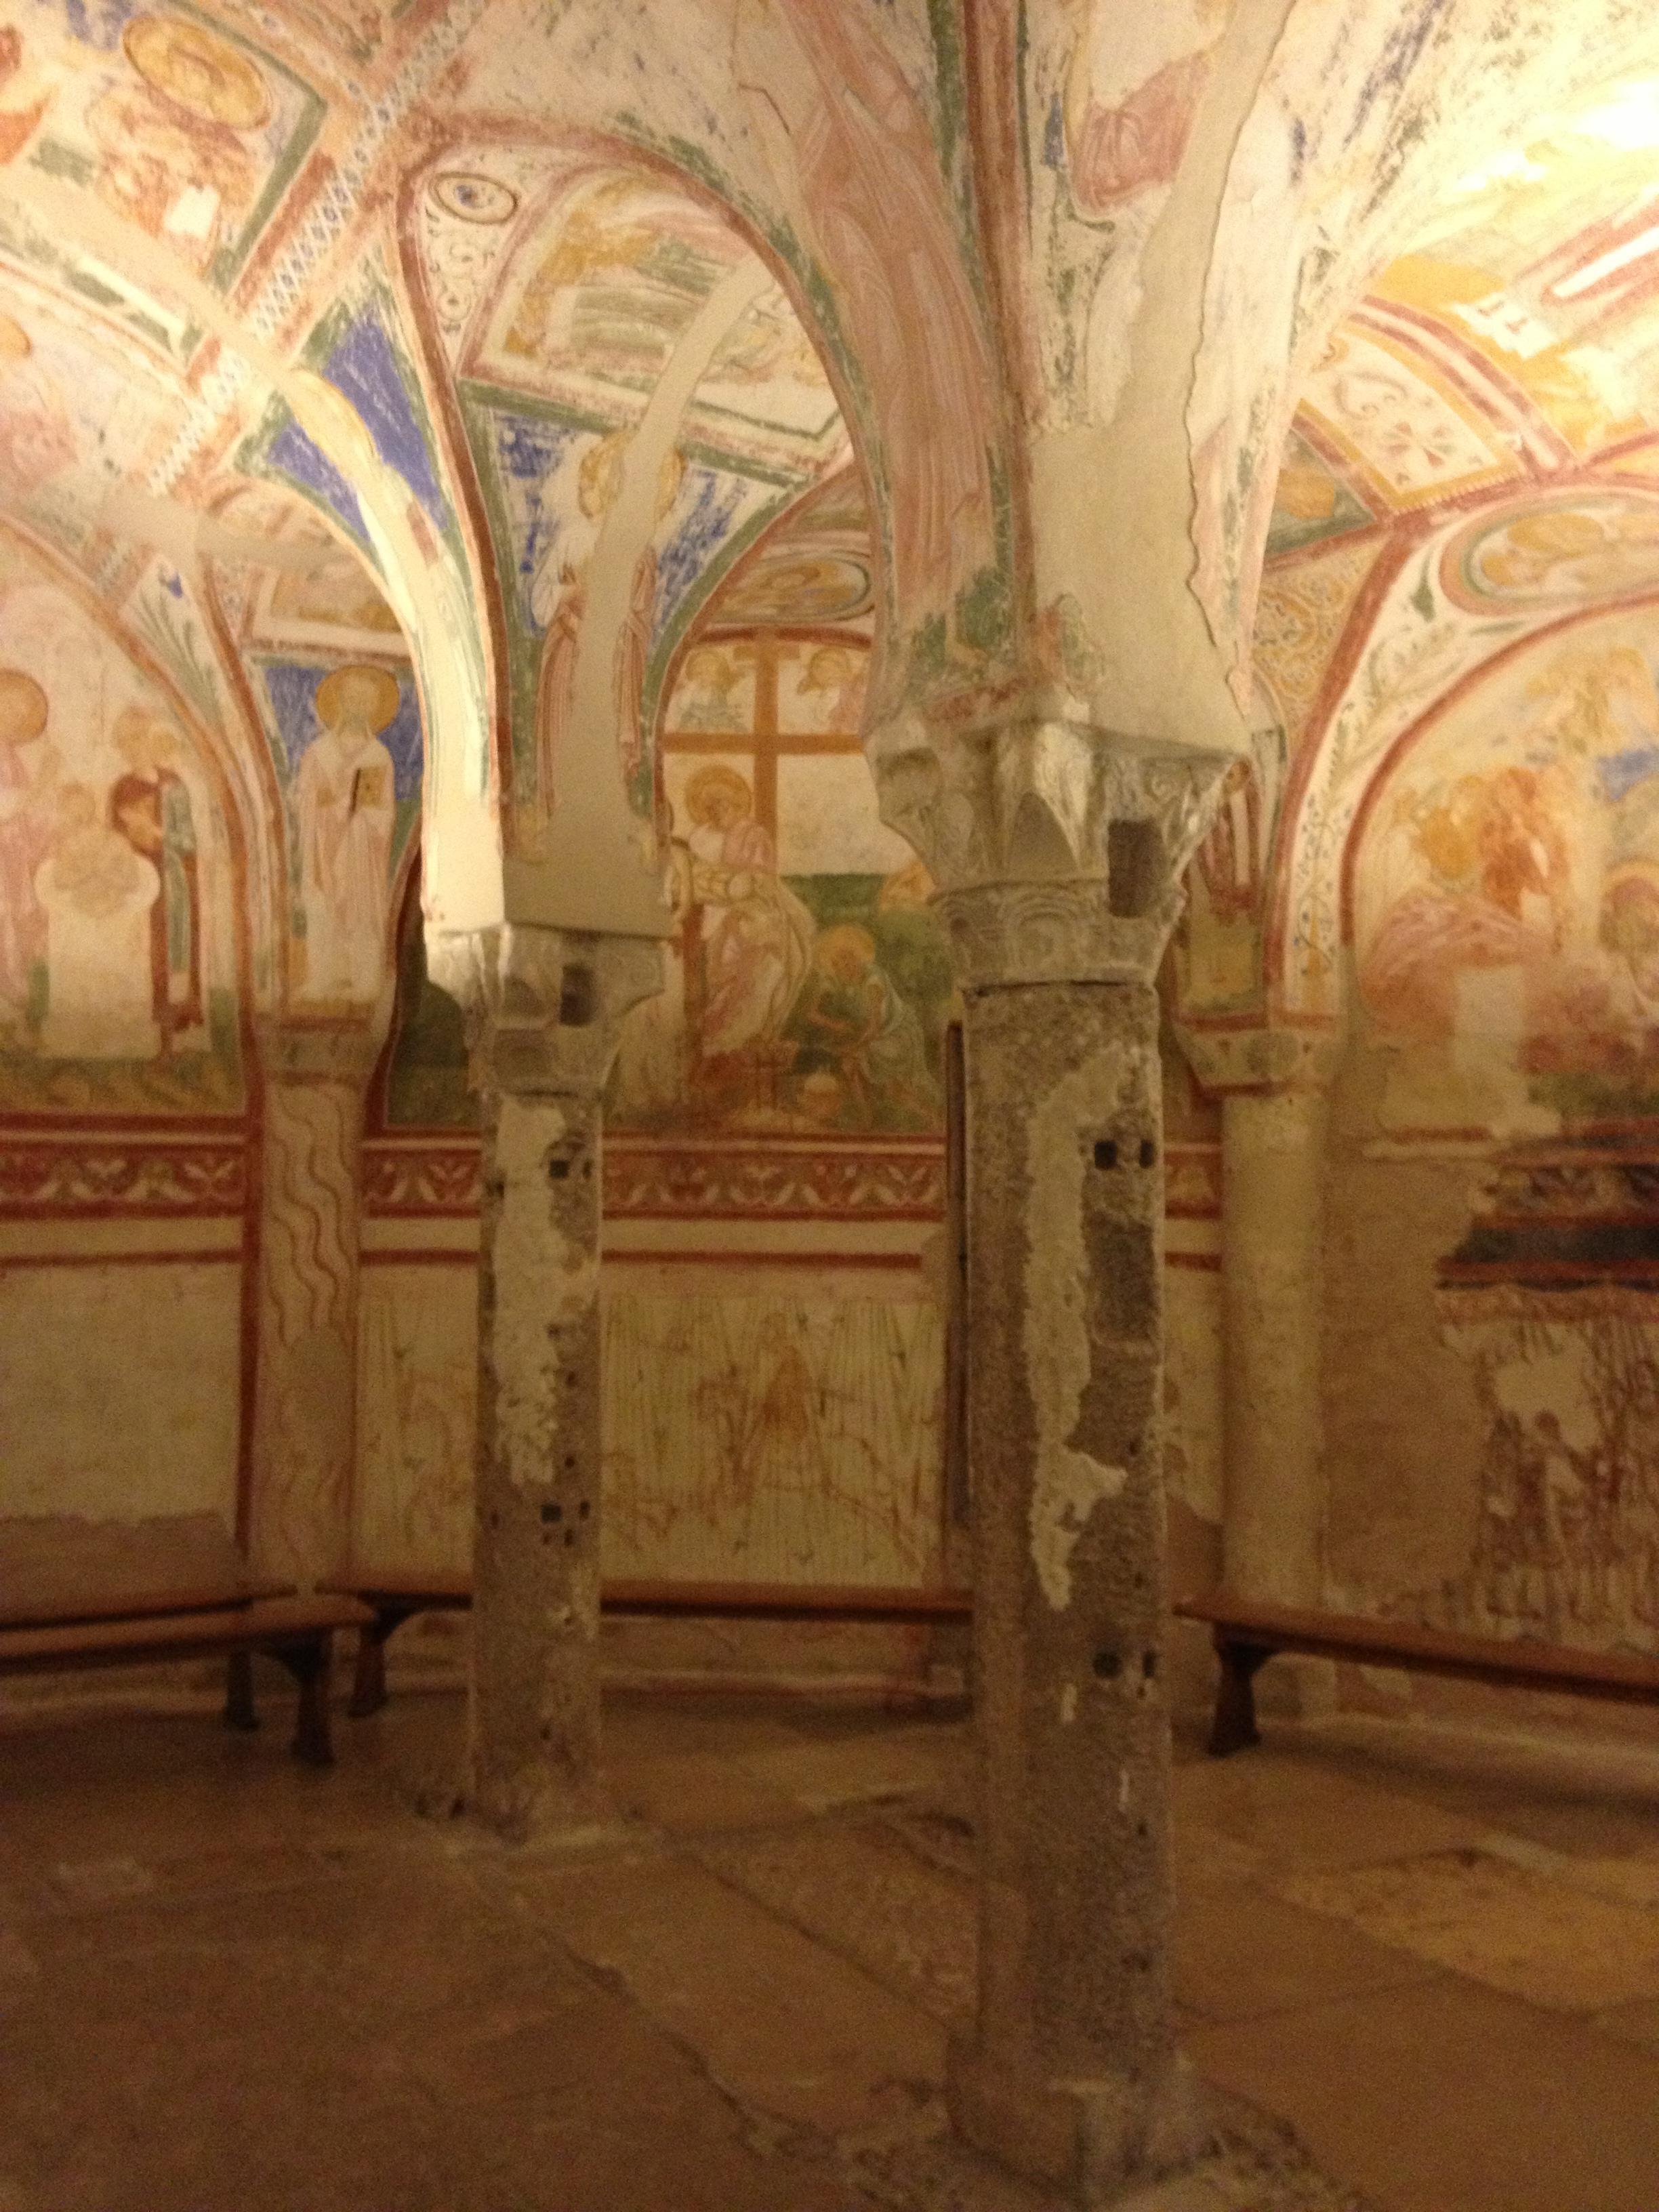 Aquileia's Basilica crypt